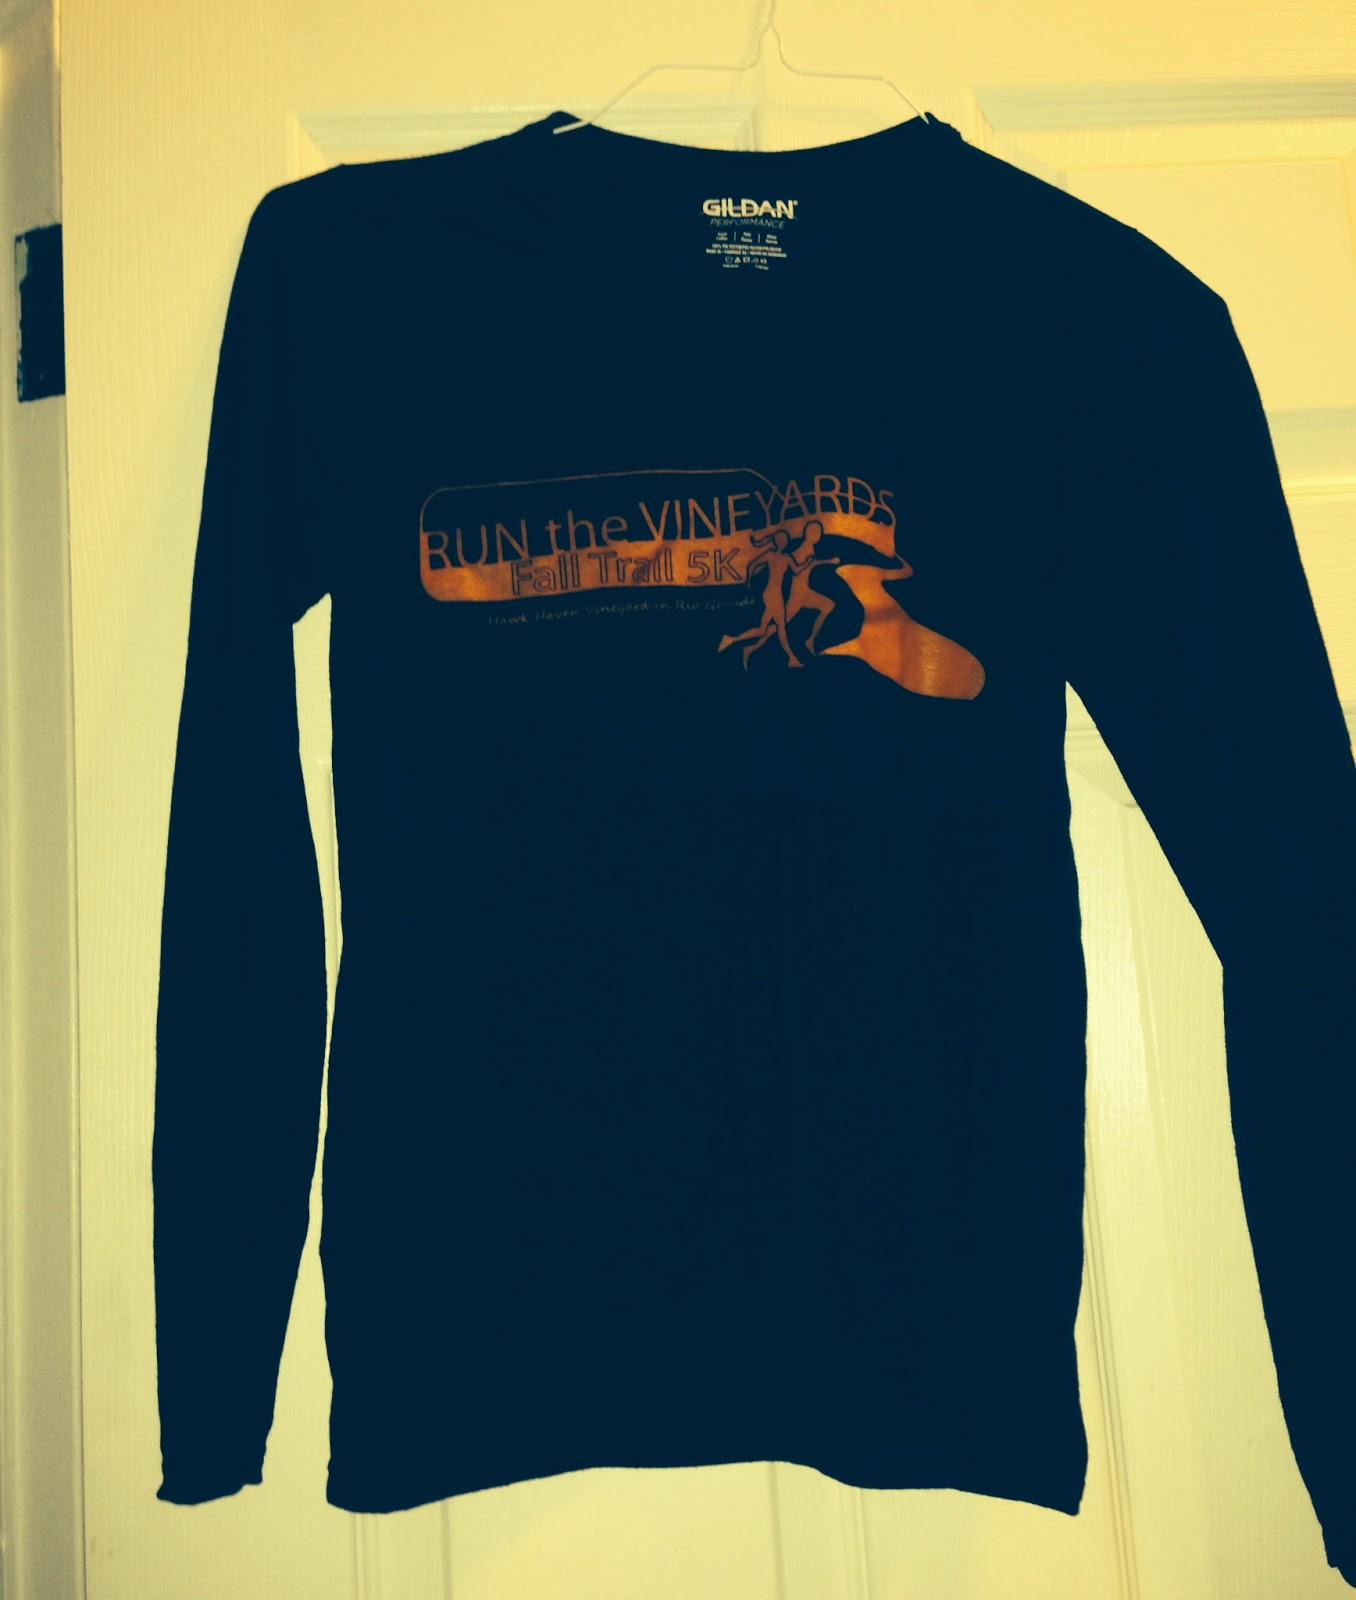 run the vineyards 5k tech shirt